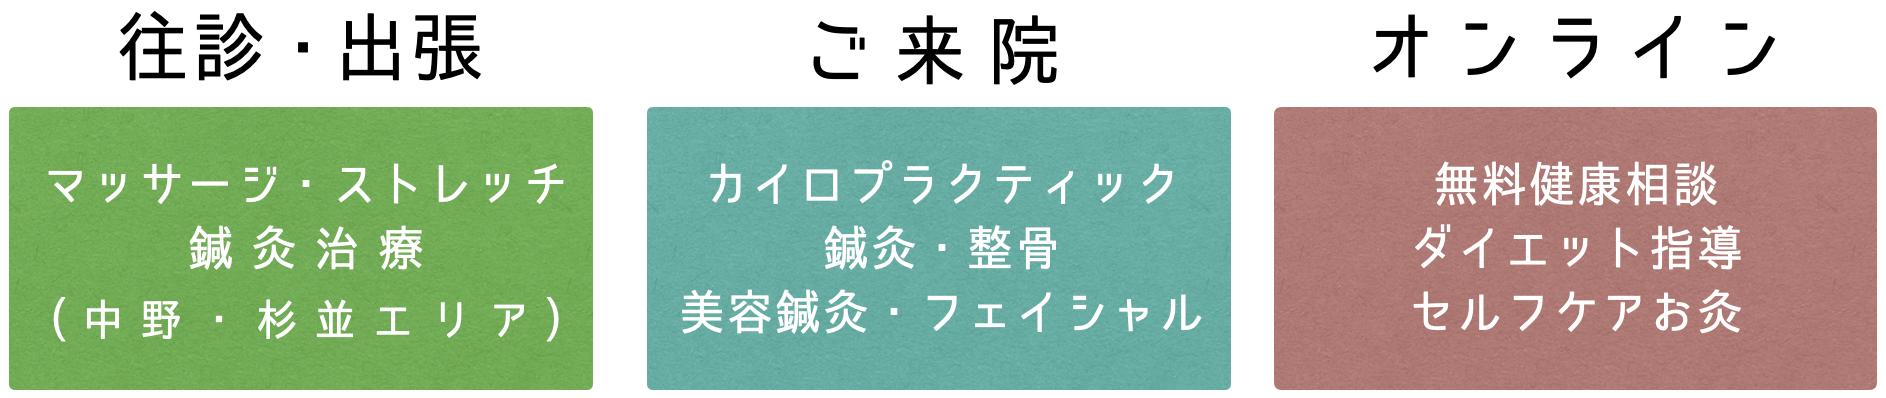 res_menu01